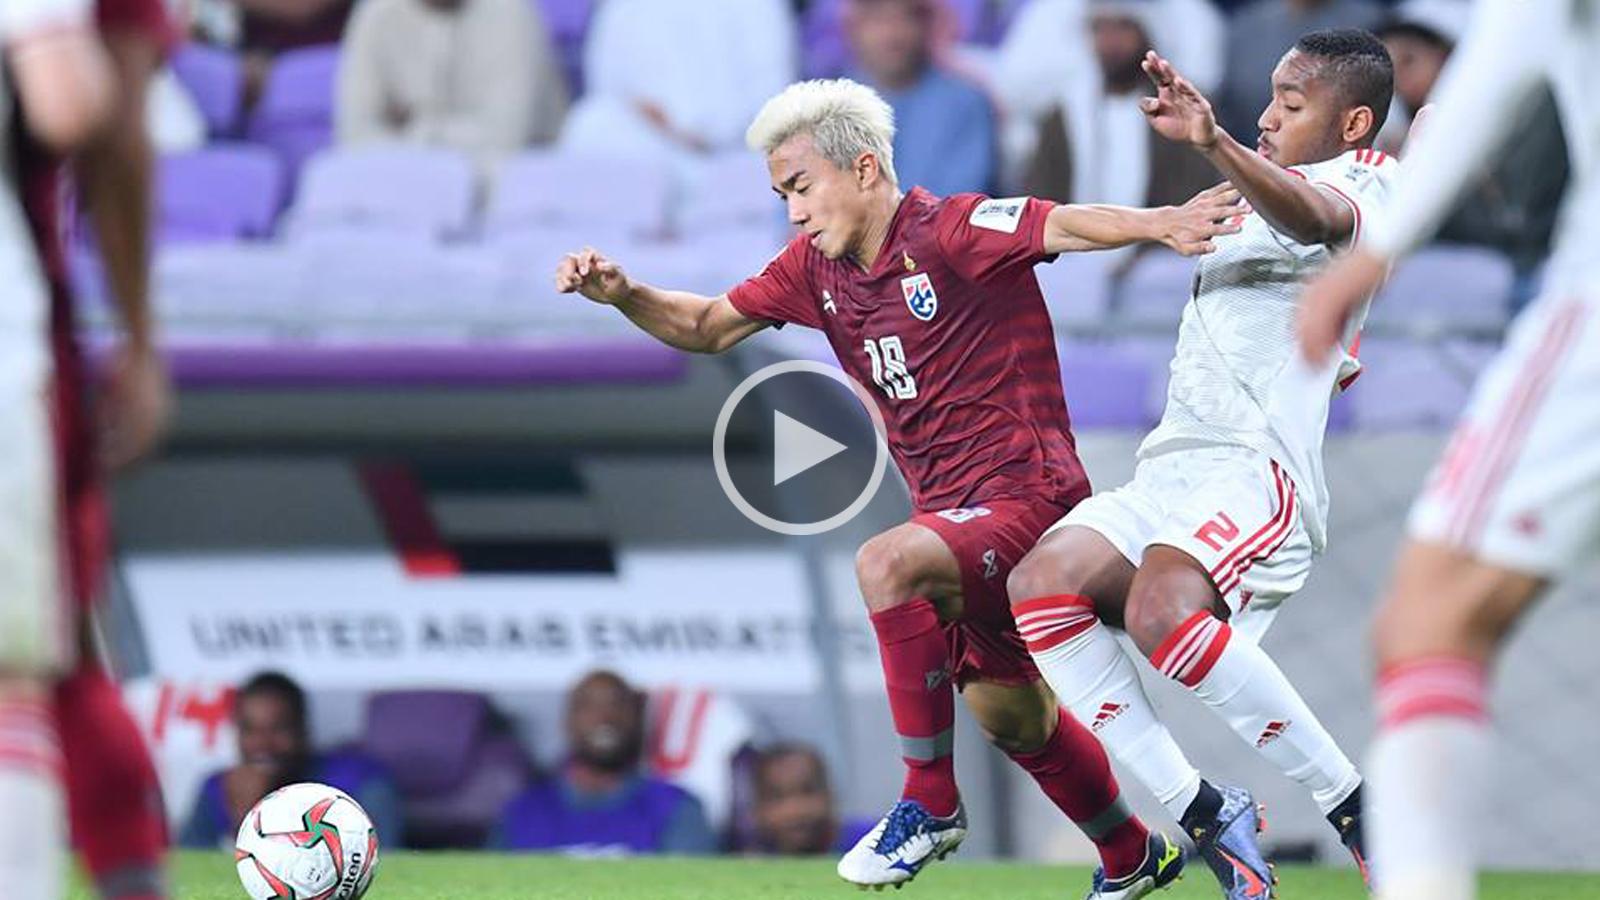 ชนาธิป สรงกระสินธ์ ทีมชาติไทย เอเชียนคัพ 2019